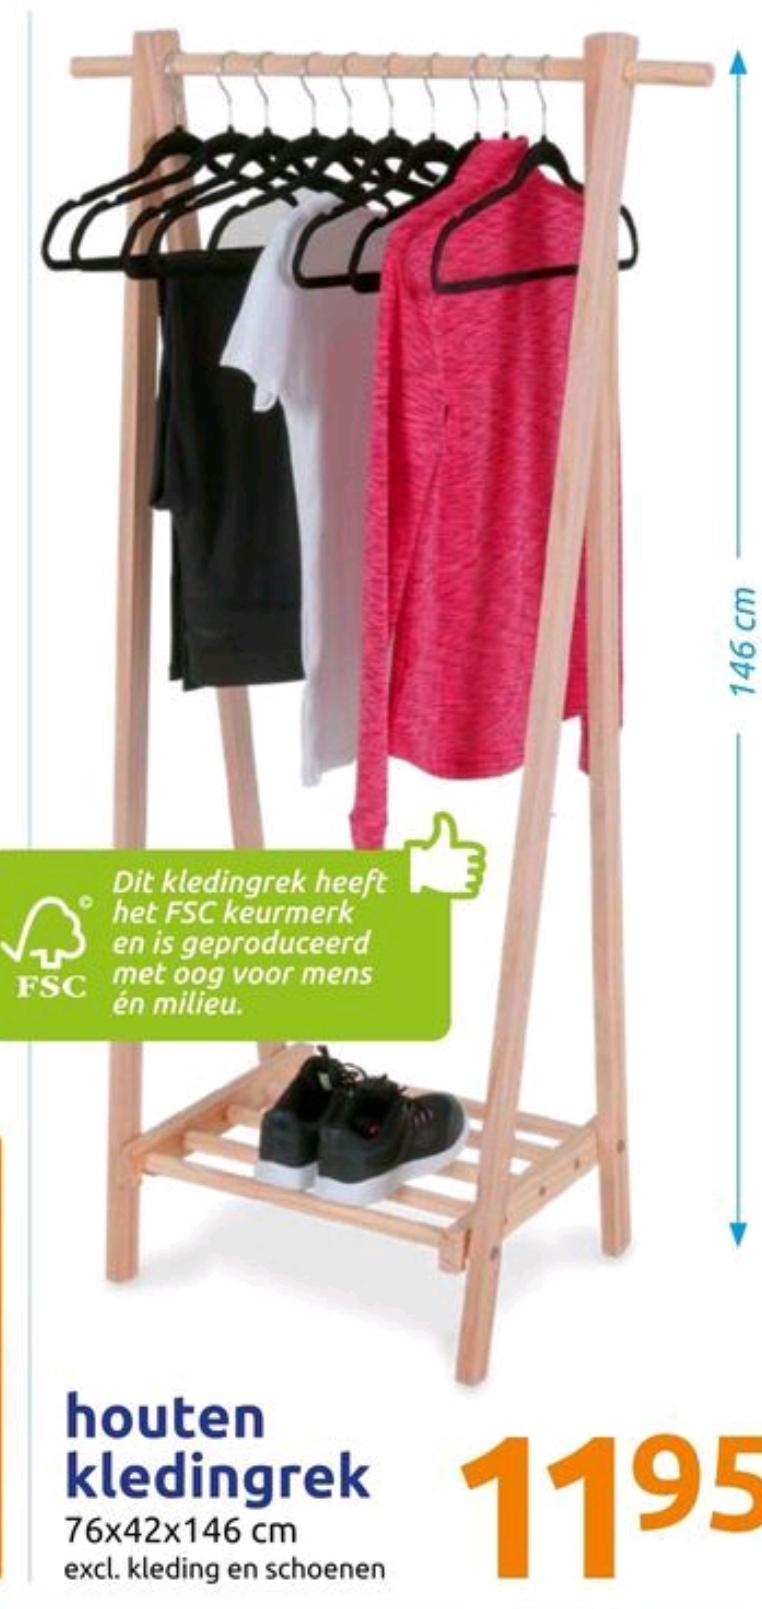 Houten kledingrek 76x42x146 cm voor €11,95 @ Action